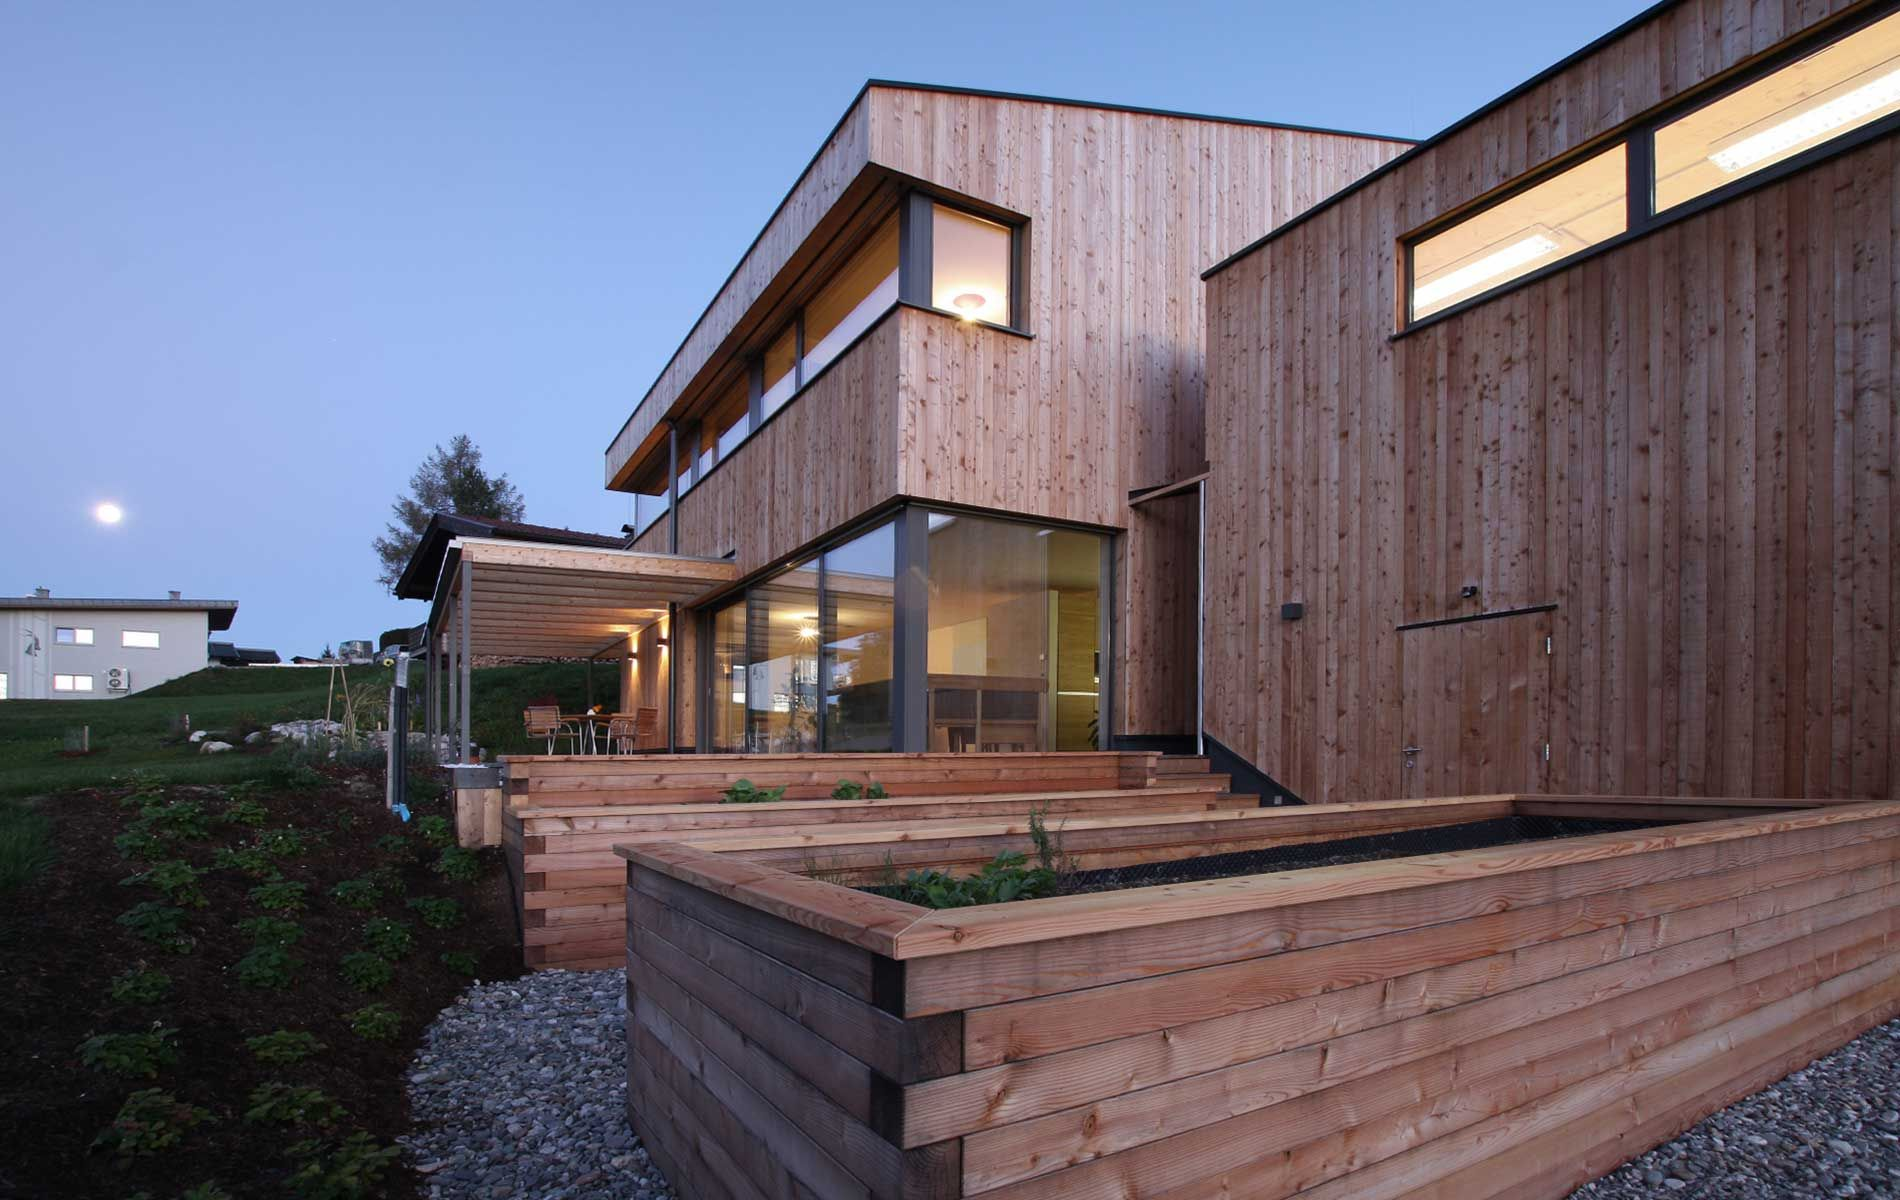 Einfamilienhaus holzhaus modern was wir bauen for Holzhaus modern bauen